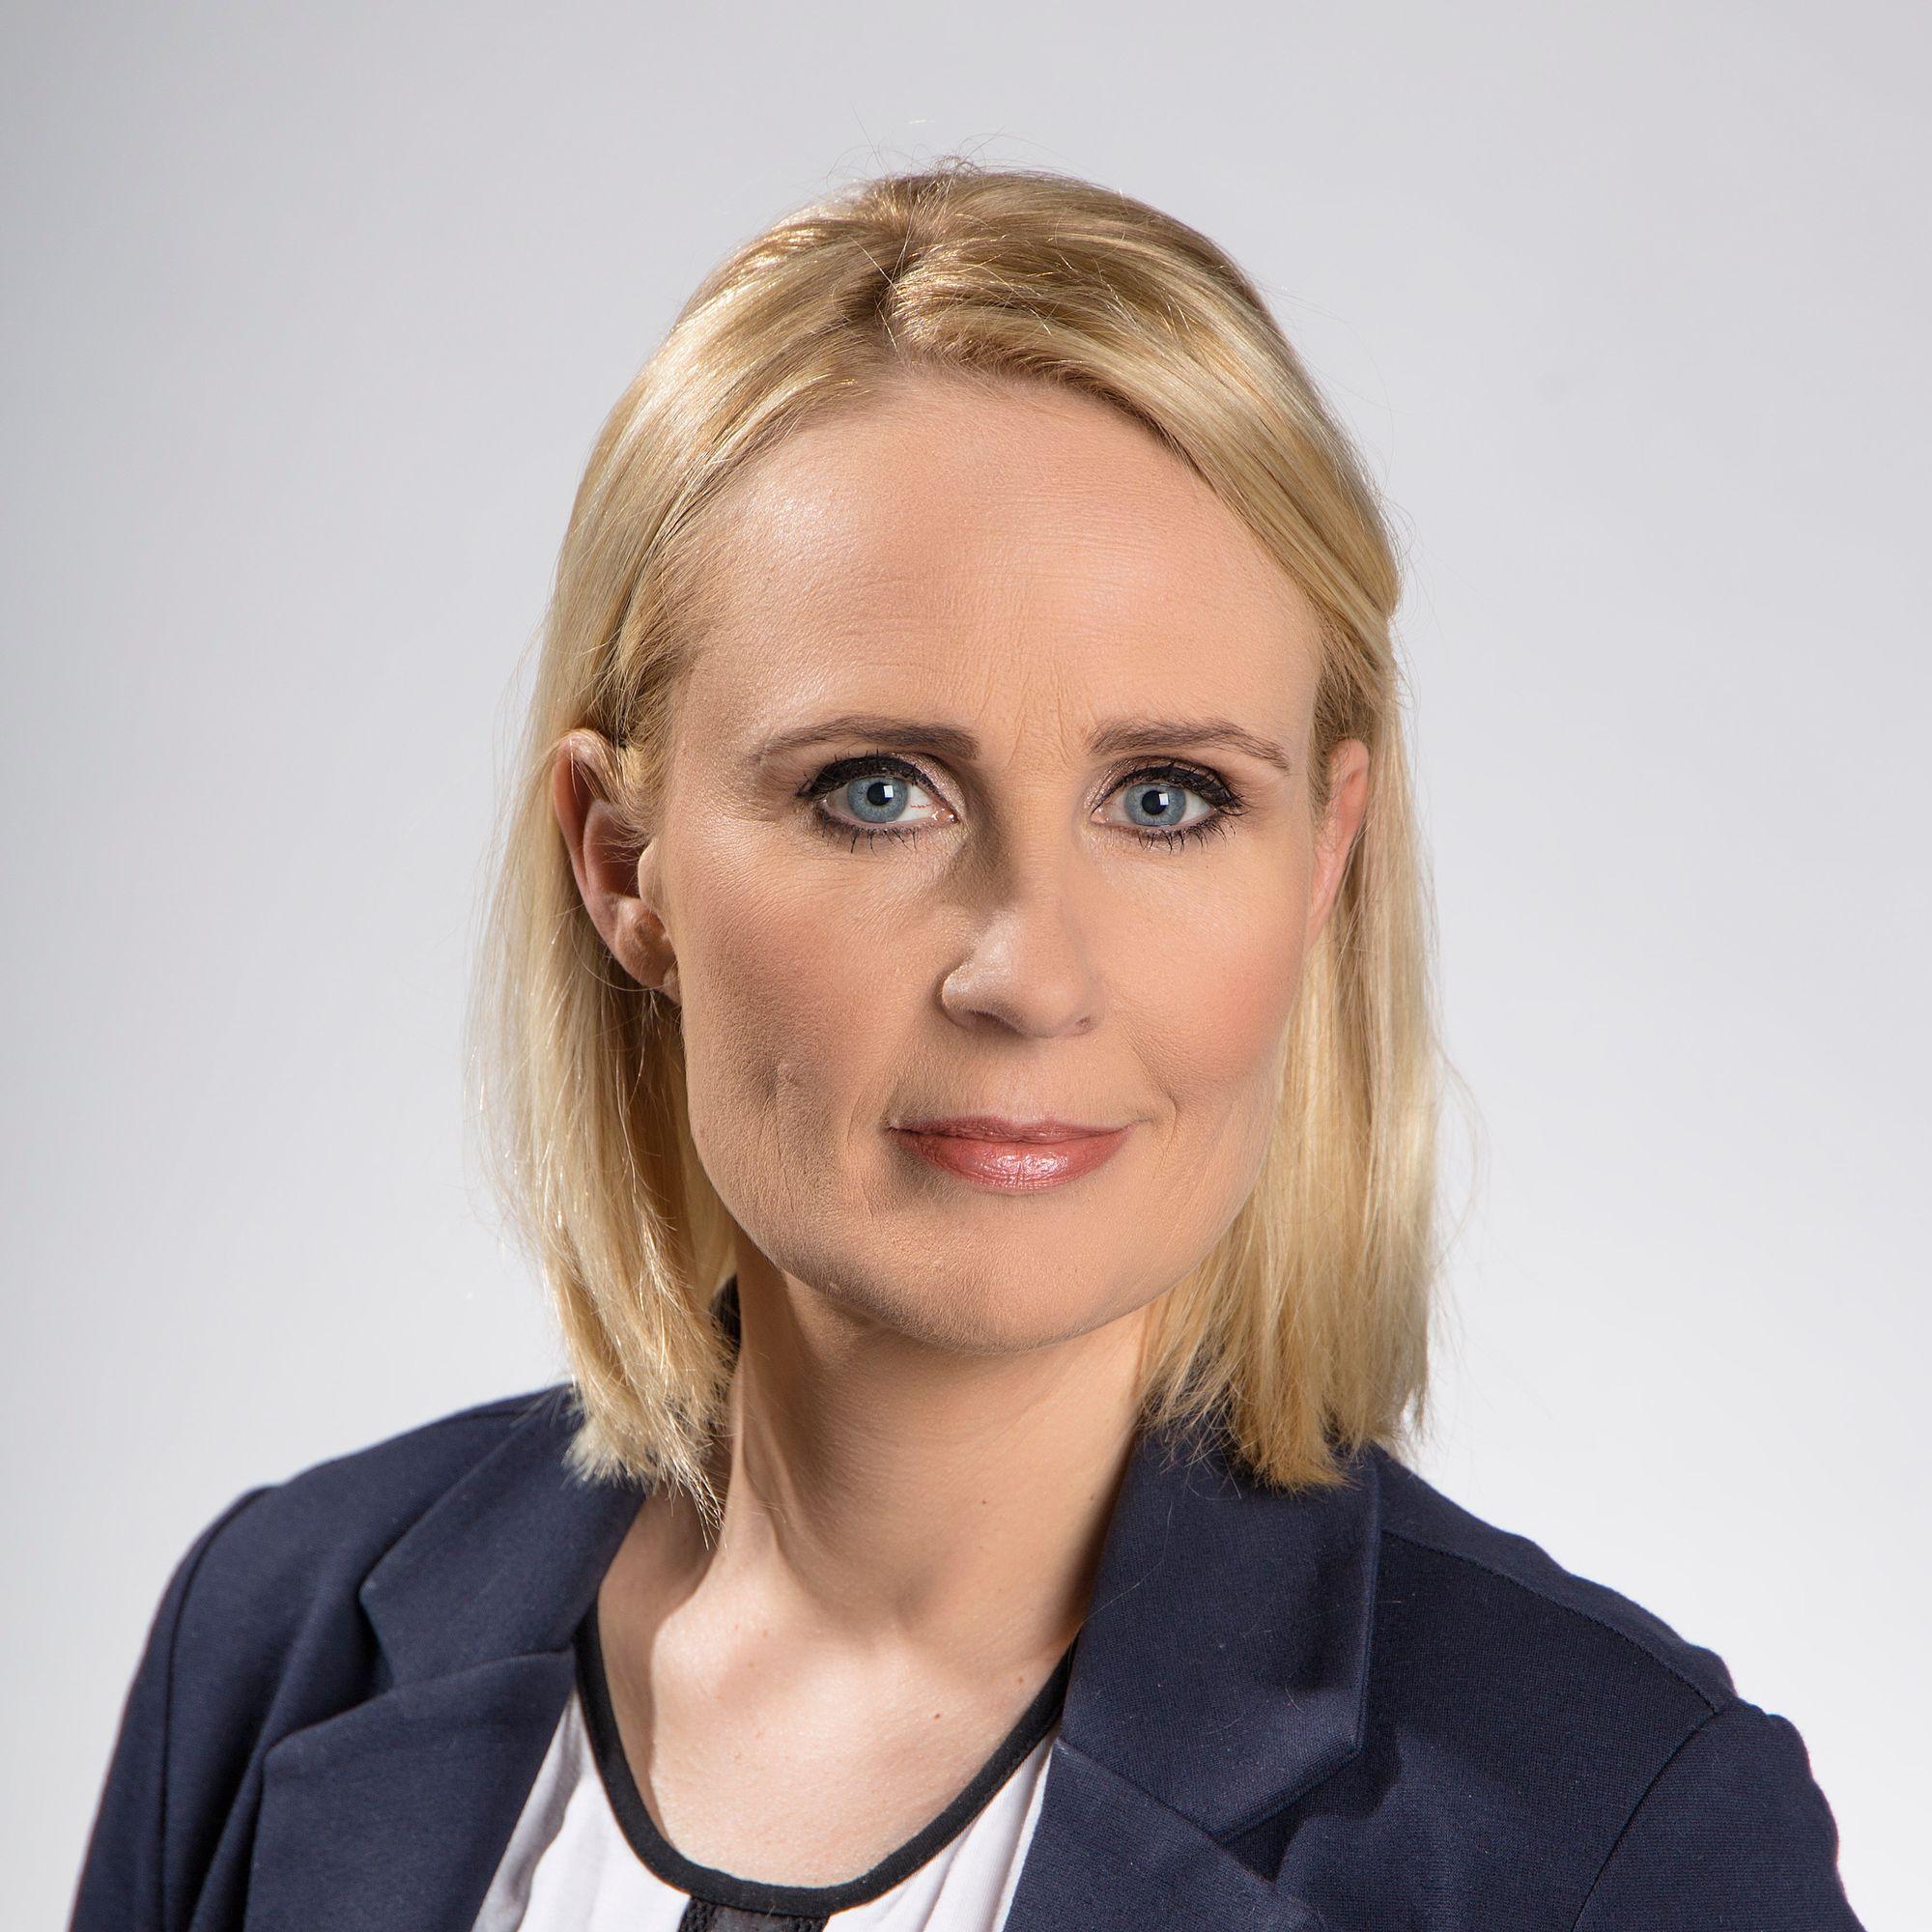 Þóra Arnórsdóttir